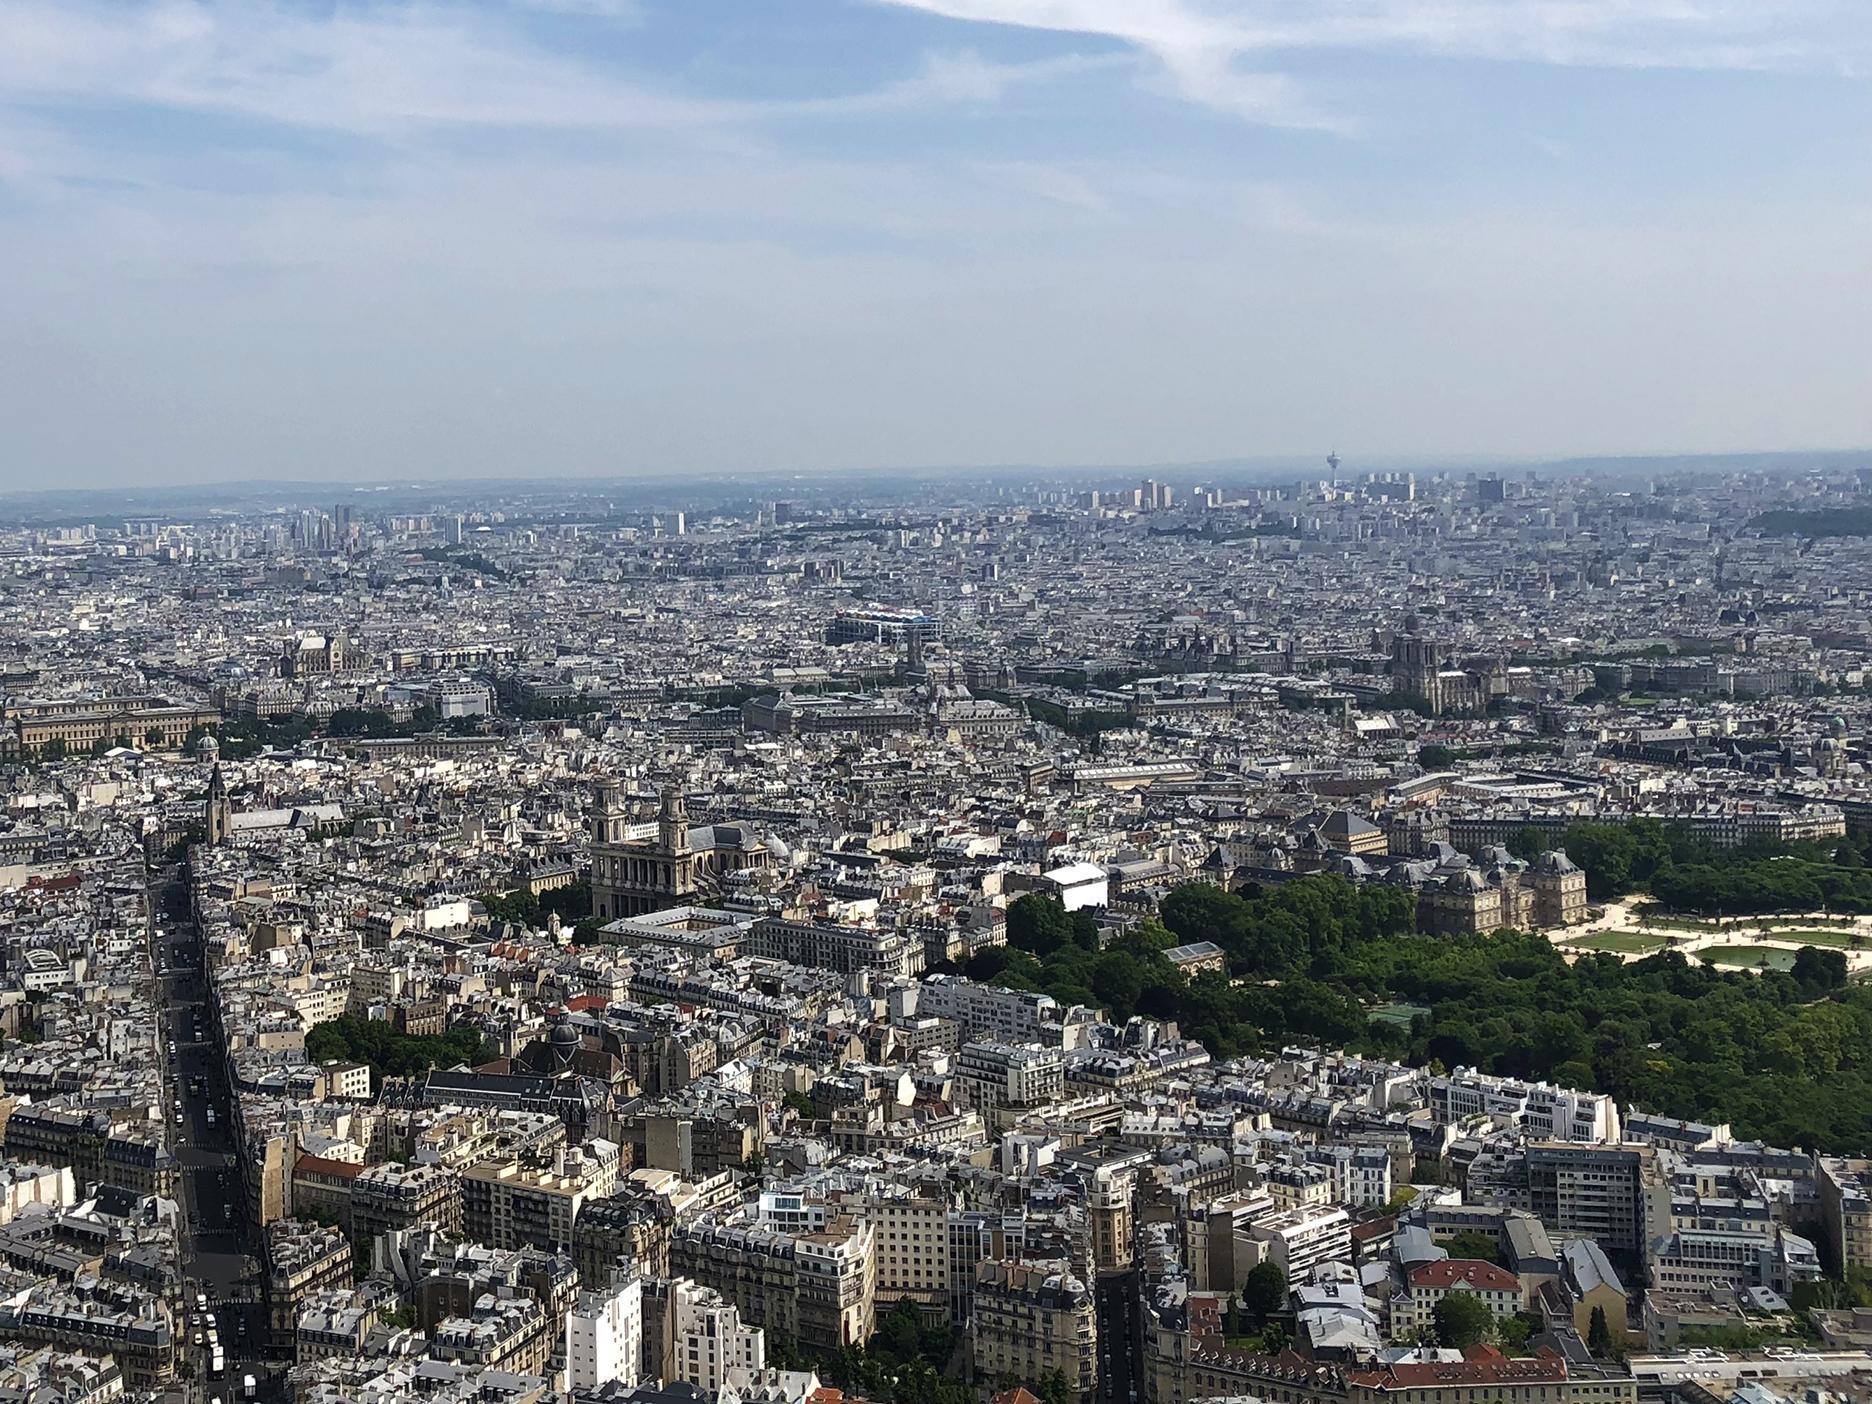 Rue de Rennes, St Sulpice, Centre Pompidou, Tour St Jacques, Ste Chapelle, Hôtel de Ville, Notre-Dame, Palais du Luxembourg.